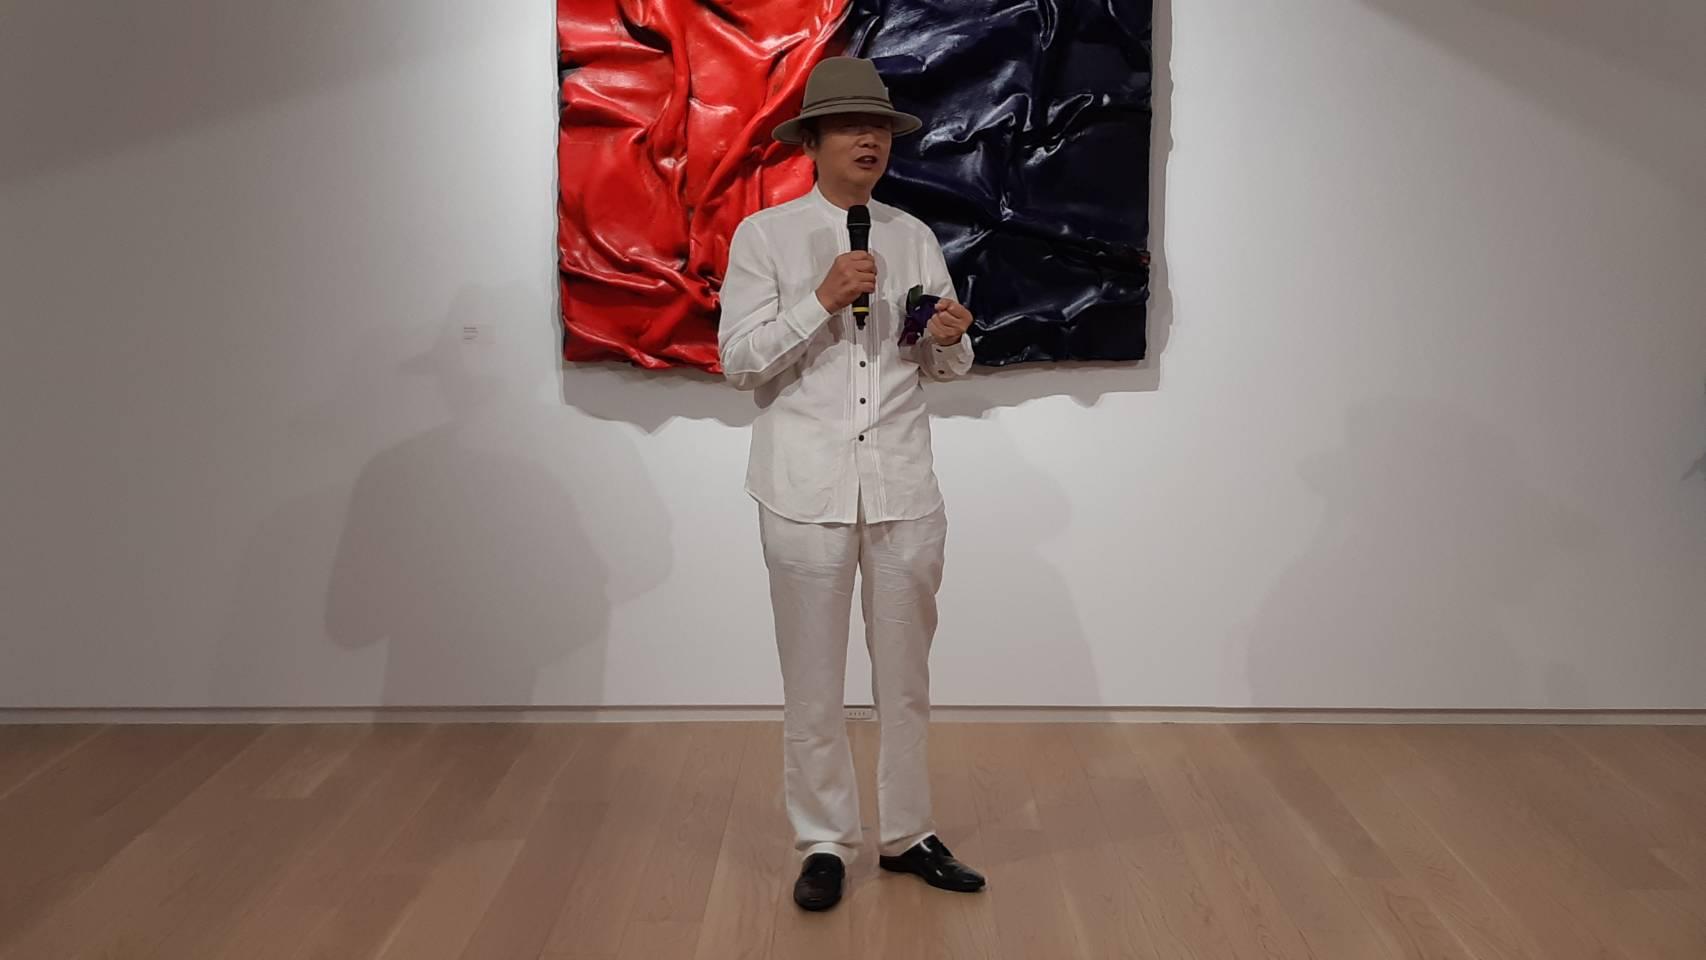 享譽國際大陸知名藝術家來台個展 超大膽「三維層次」作品博人眼球!